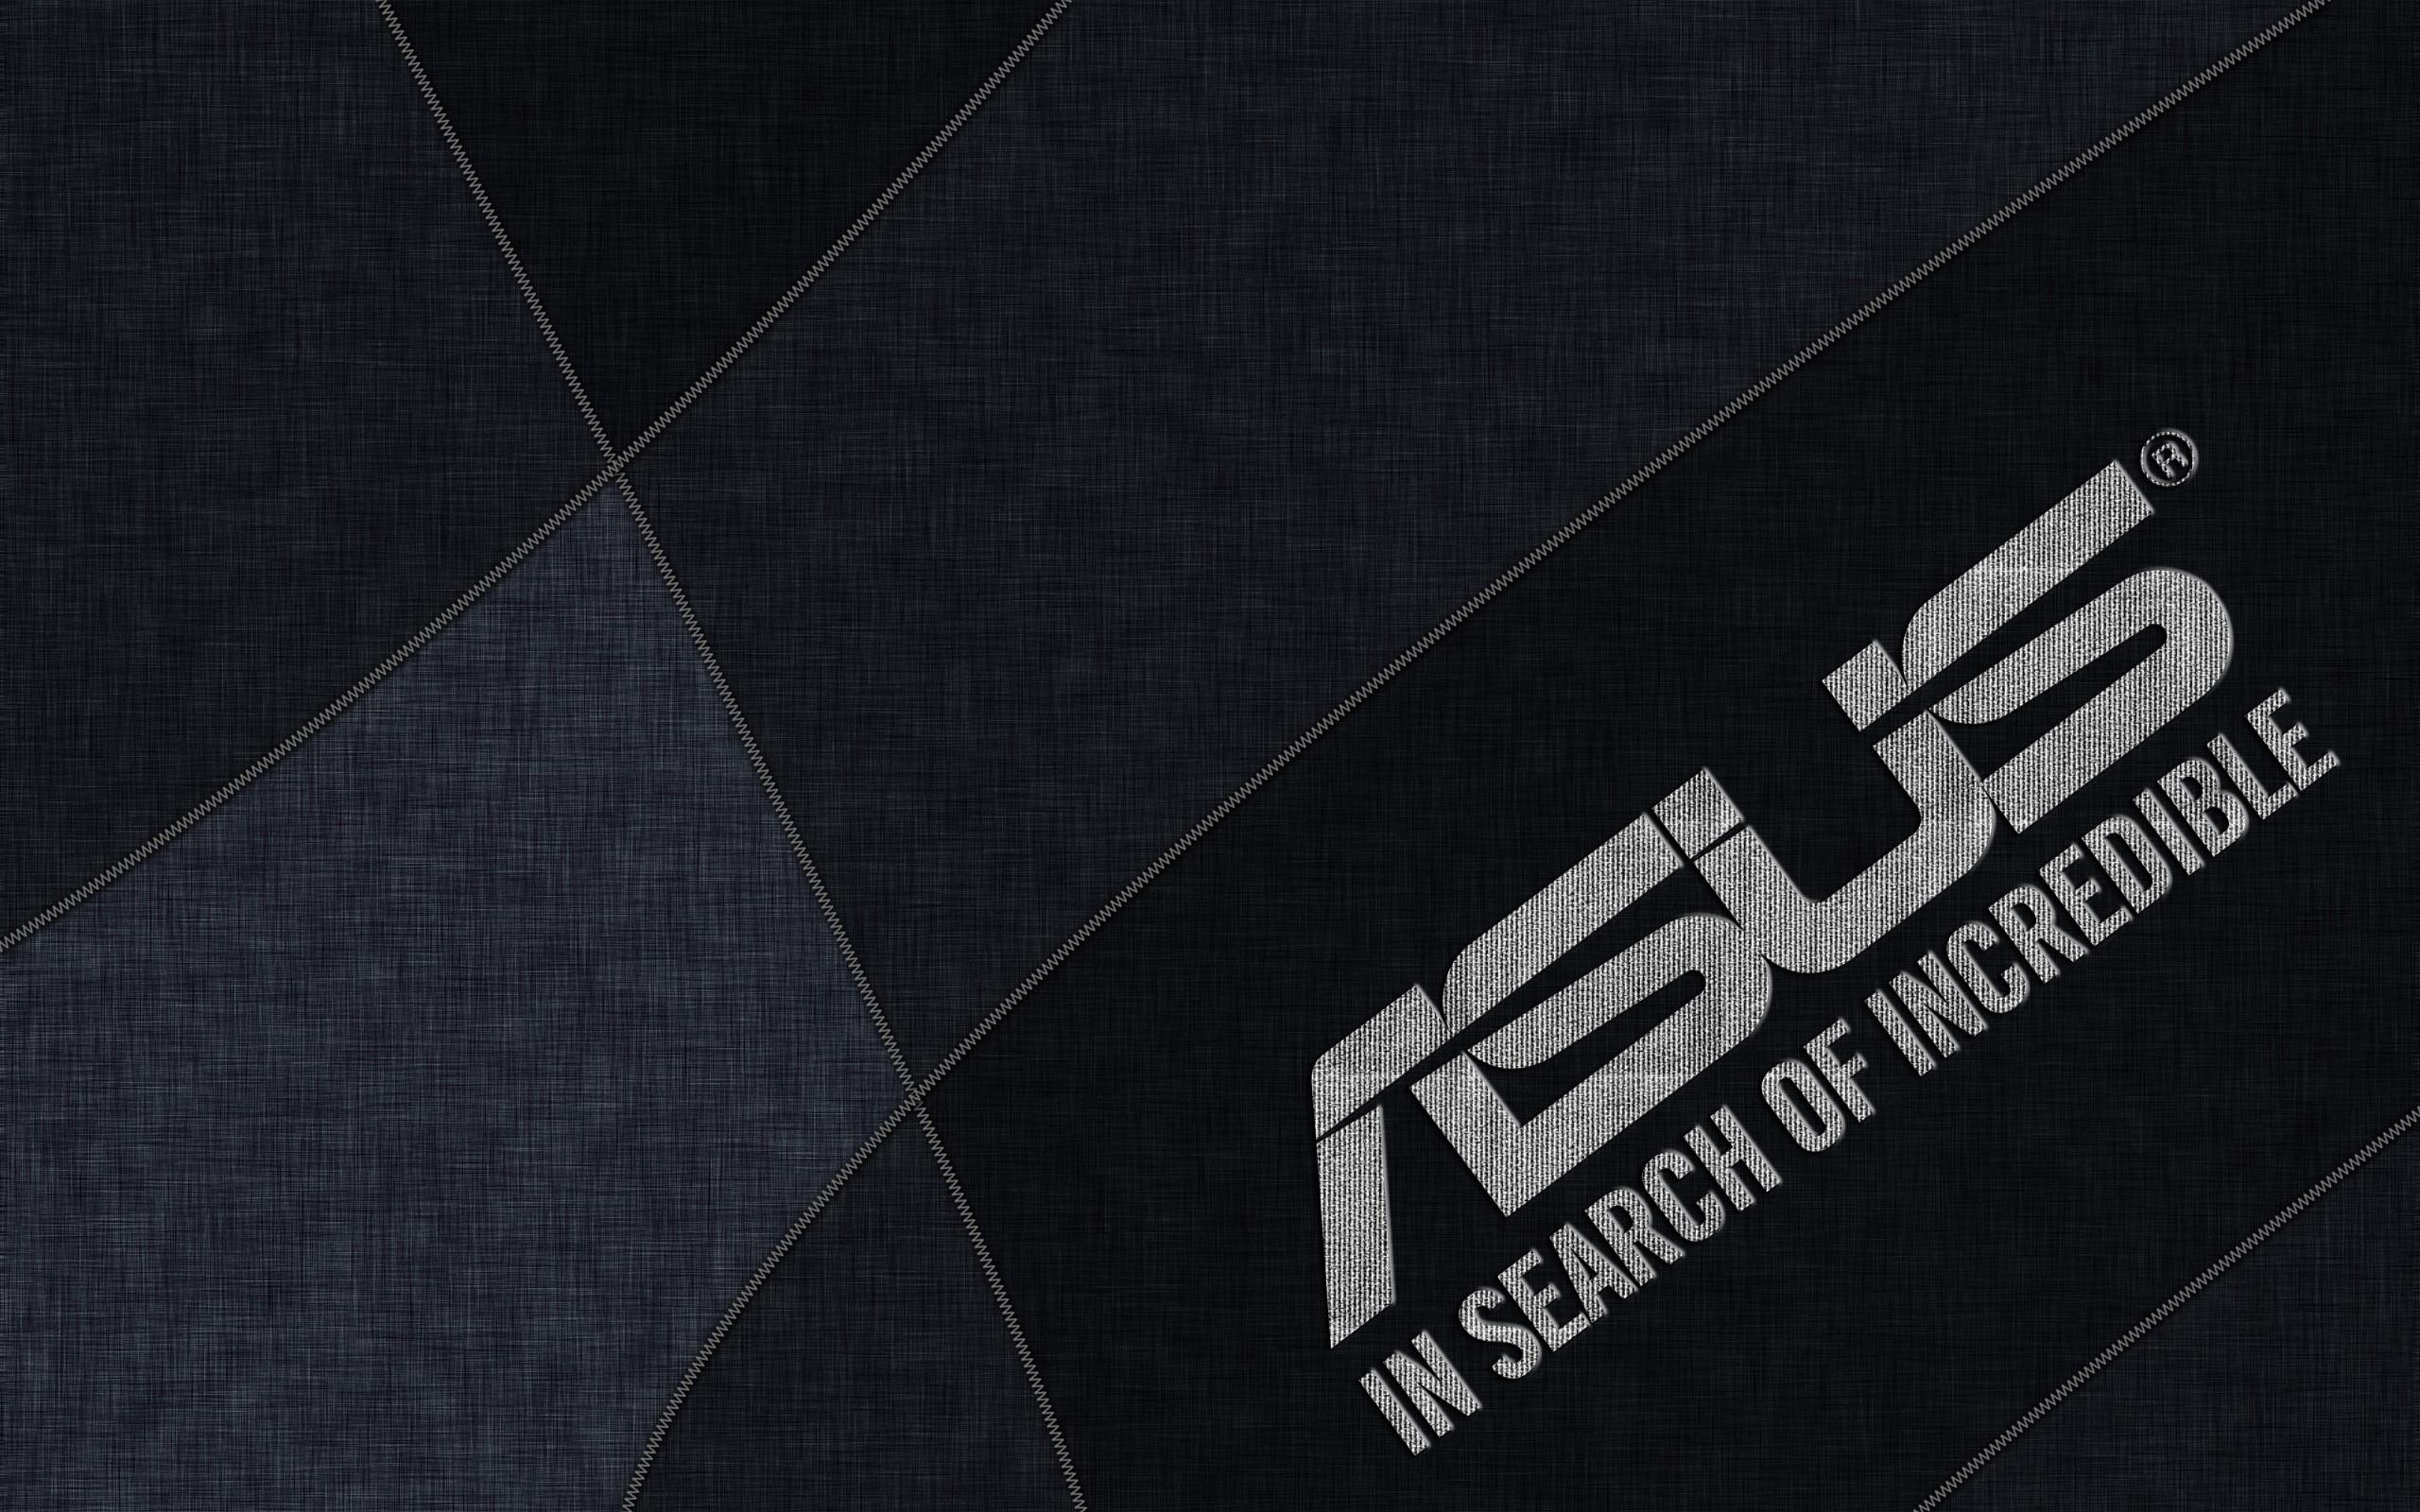 Download 9000 Wallpaper Asus Laptop HD Terbaik